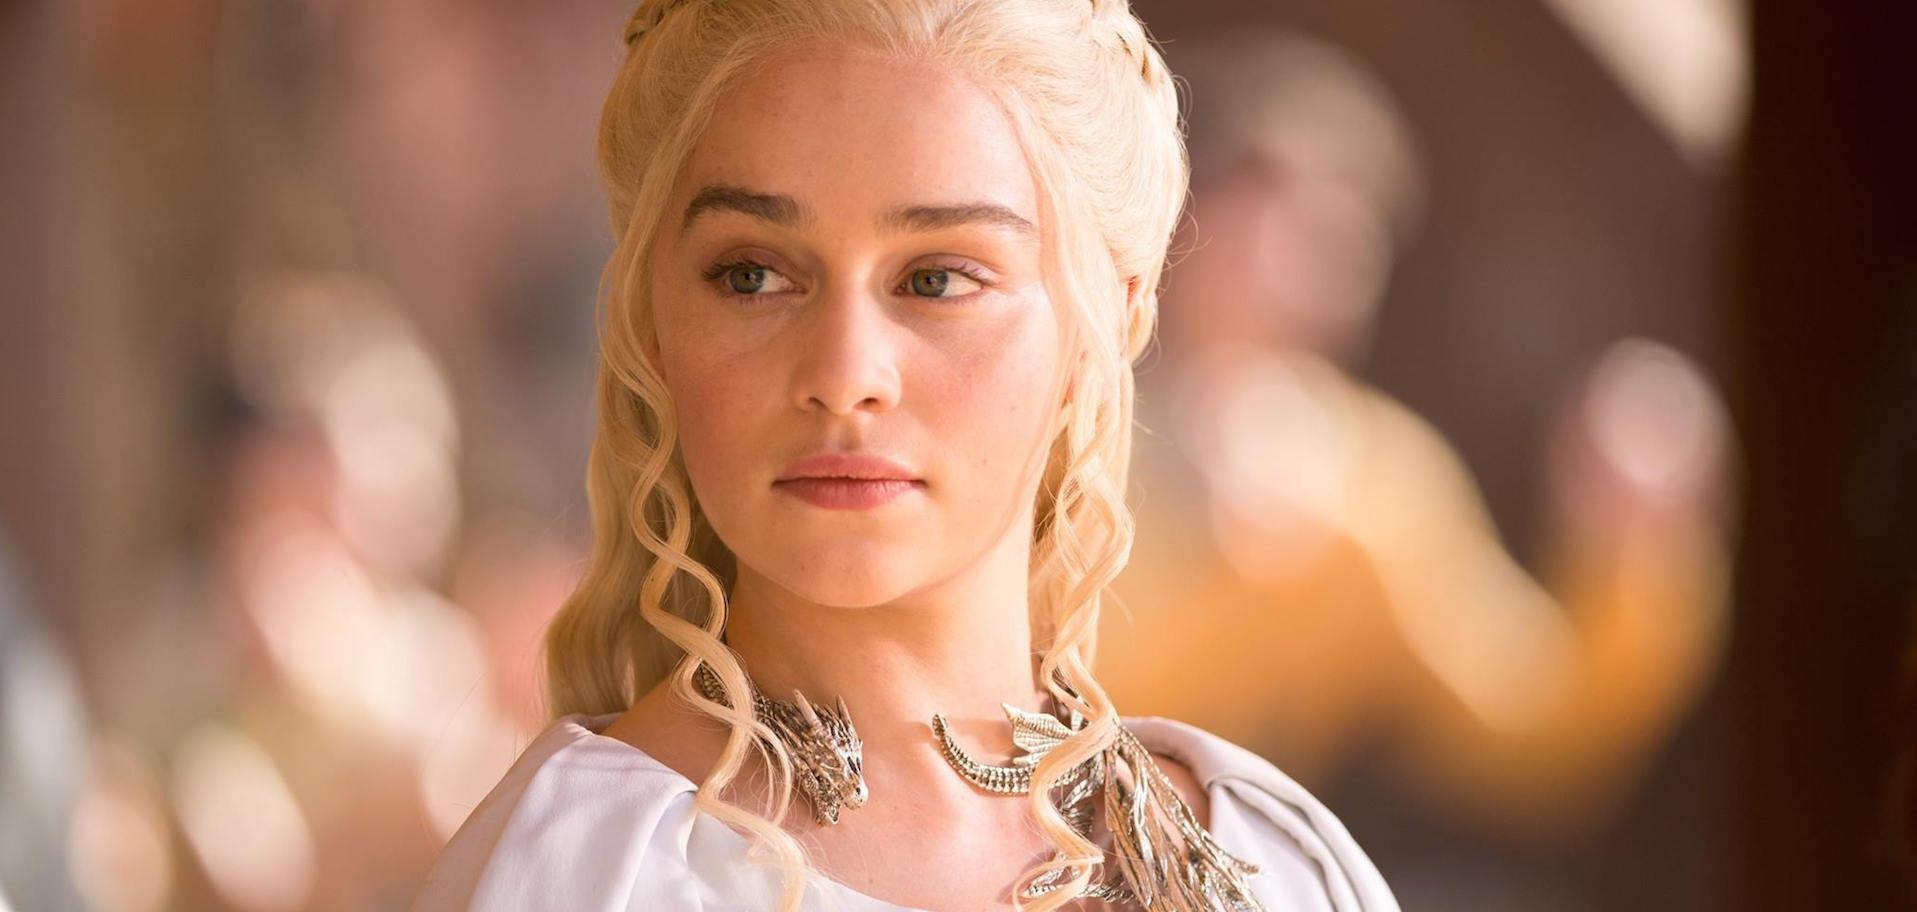 Khaleesi, madre de dragones, reinó en la temporada 7 de juego de tronos pero ¿qué pasará en la 8?